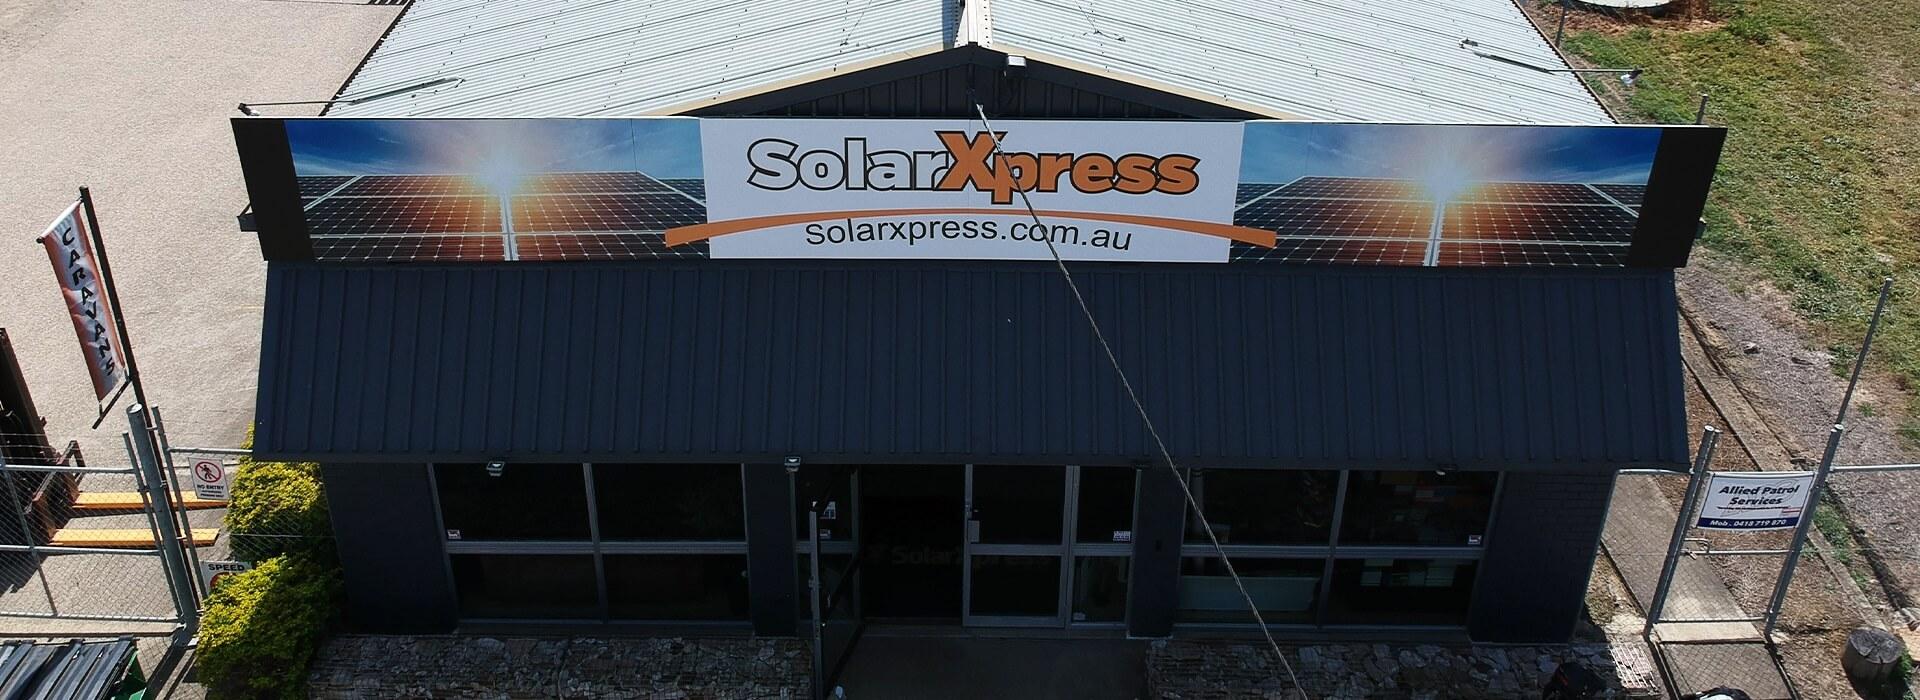 Commercial solar system installations